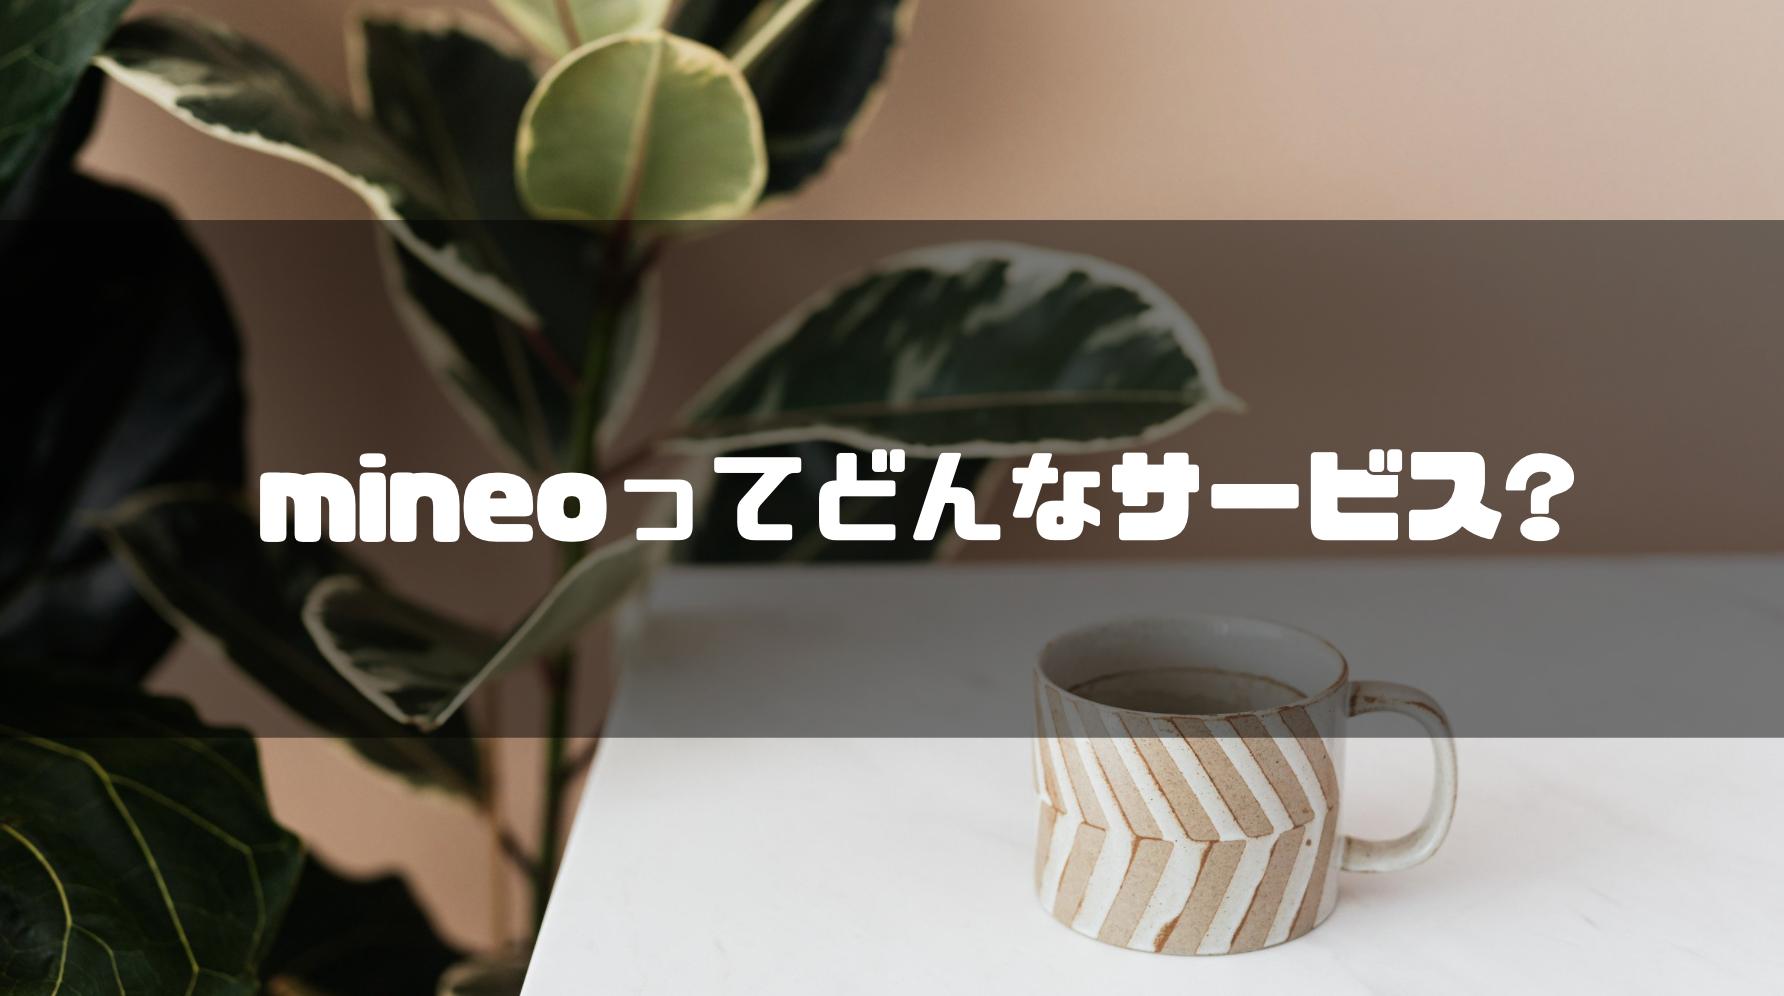 mineo_マイネオ_格安SIM_サービス